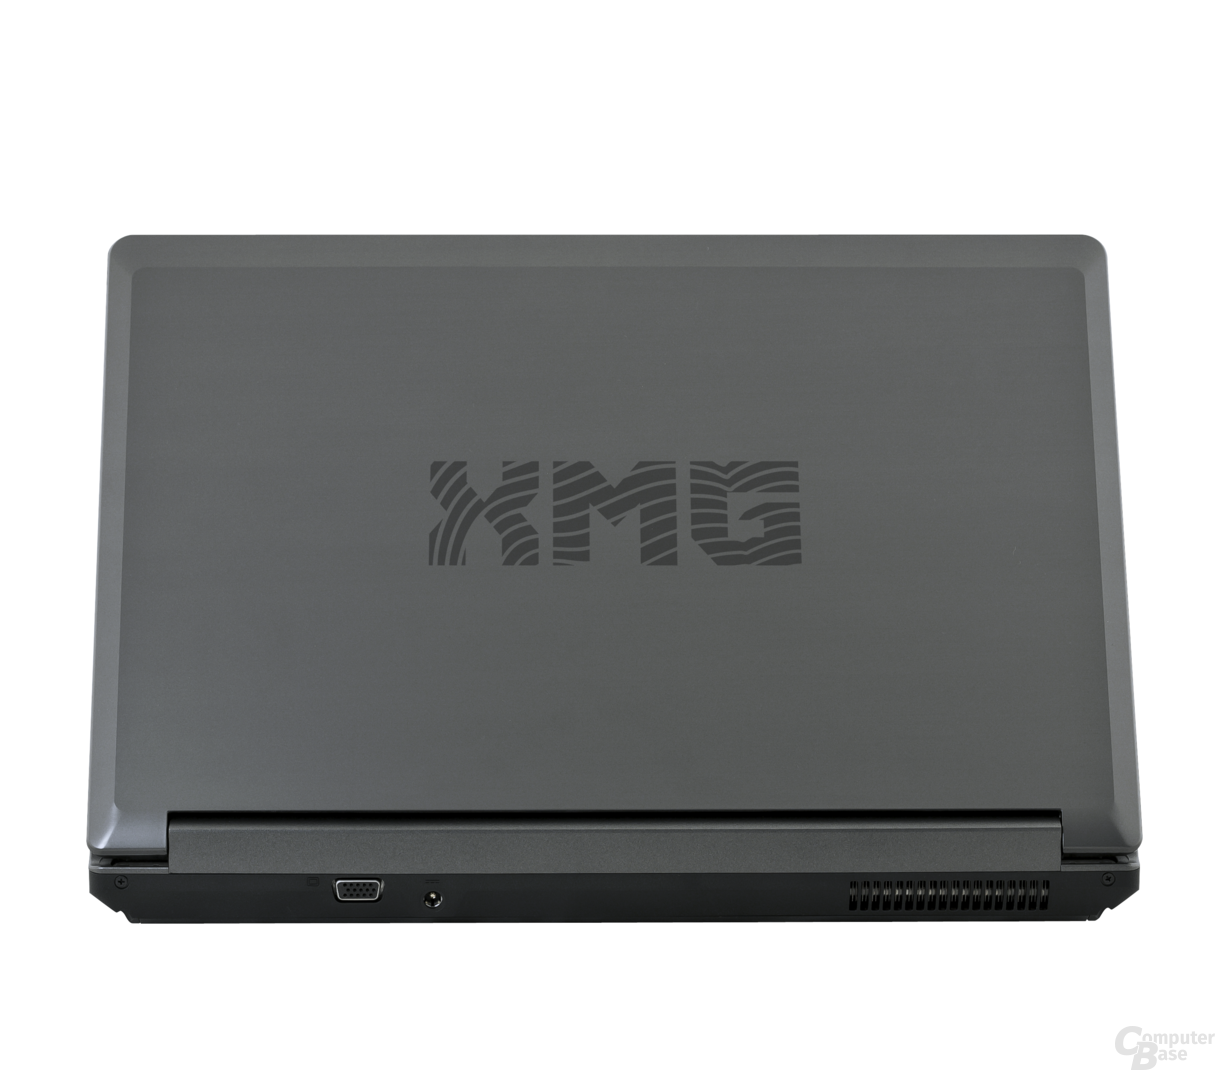 Schenker XMG A522